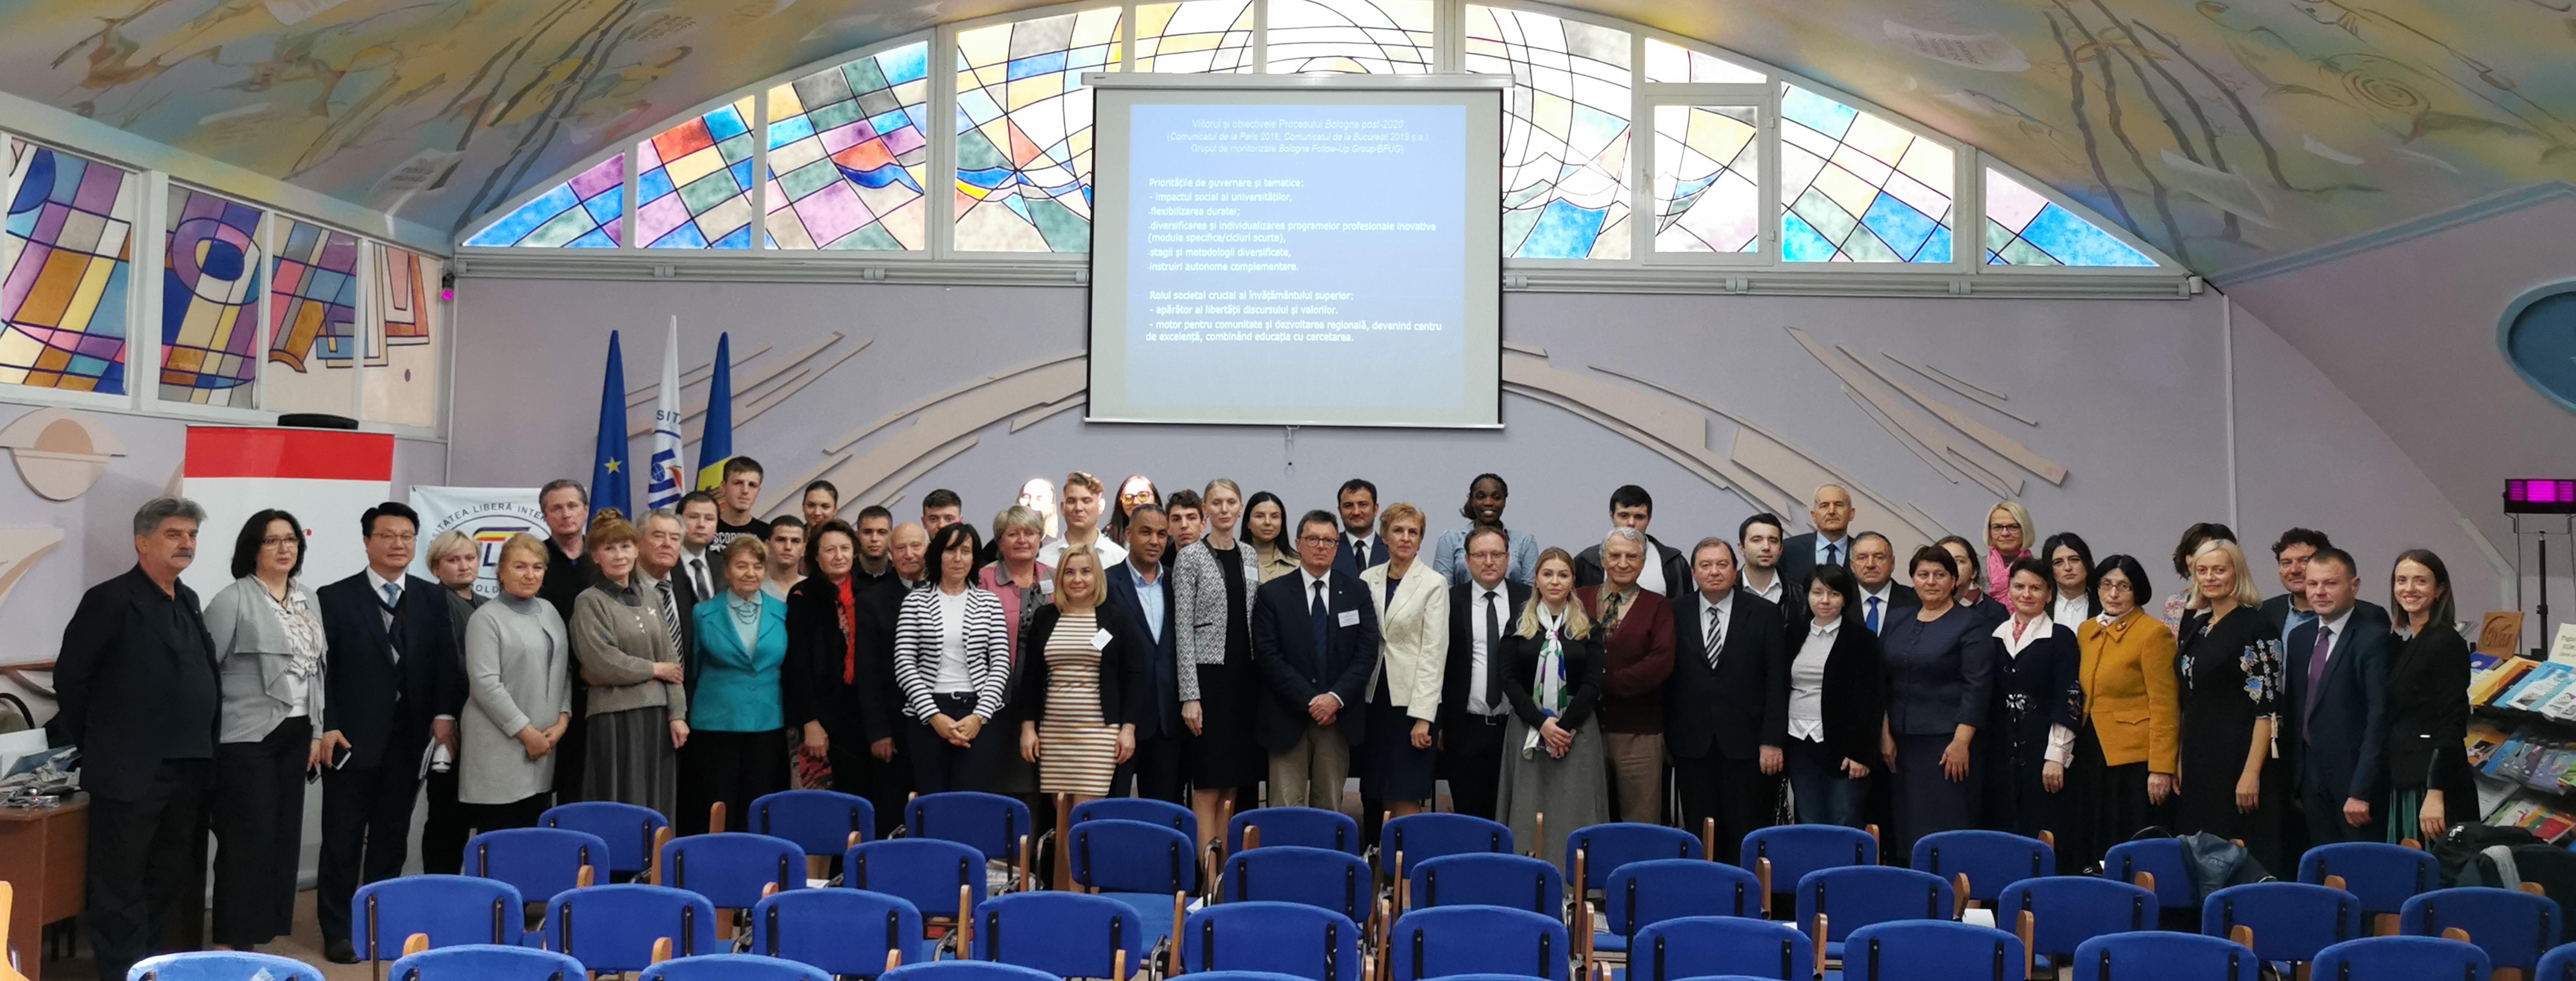 La ULIM au fost celebrați cei 27 de ani de excelență și progres academic